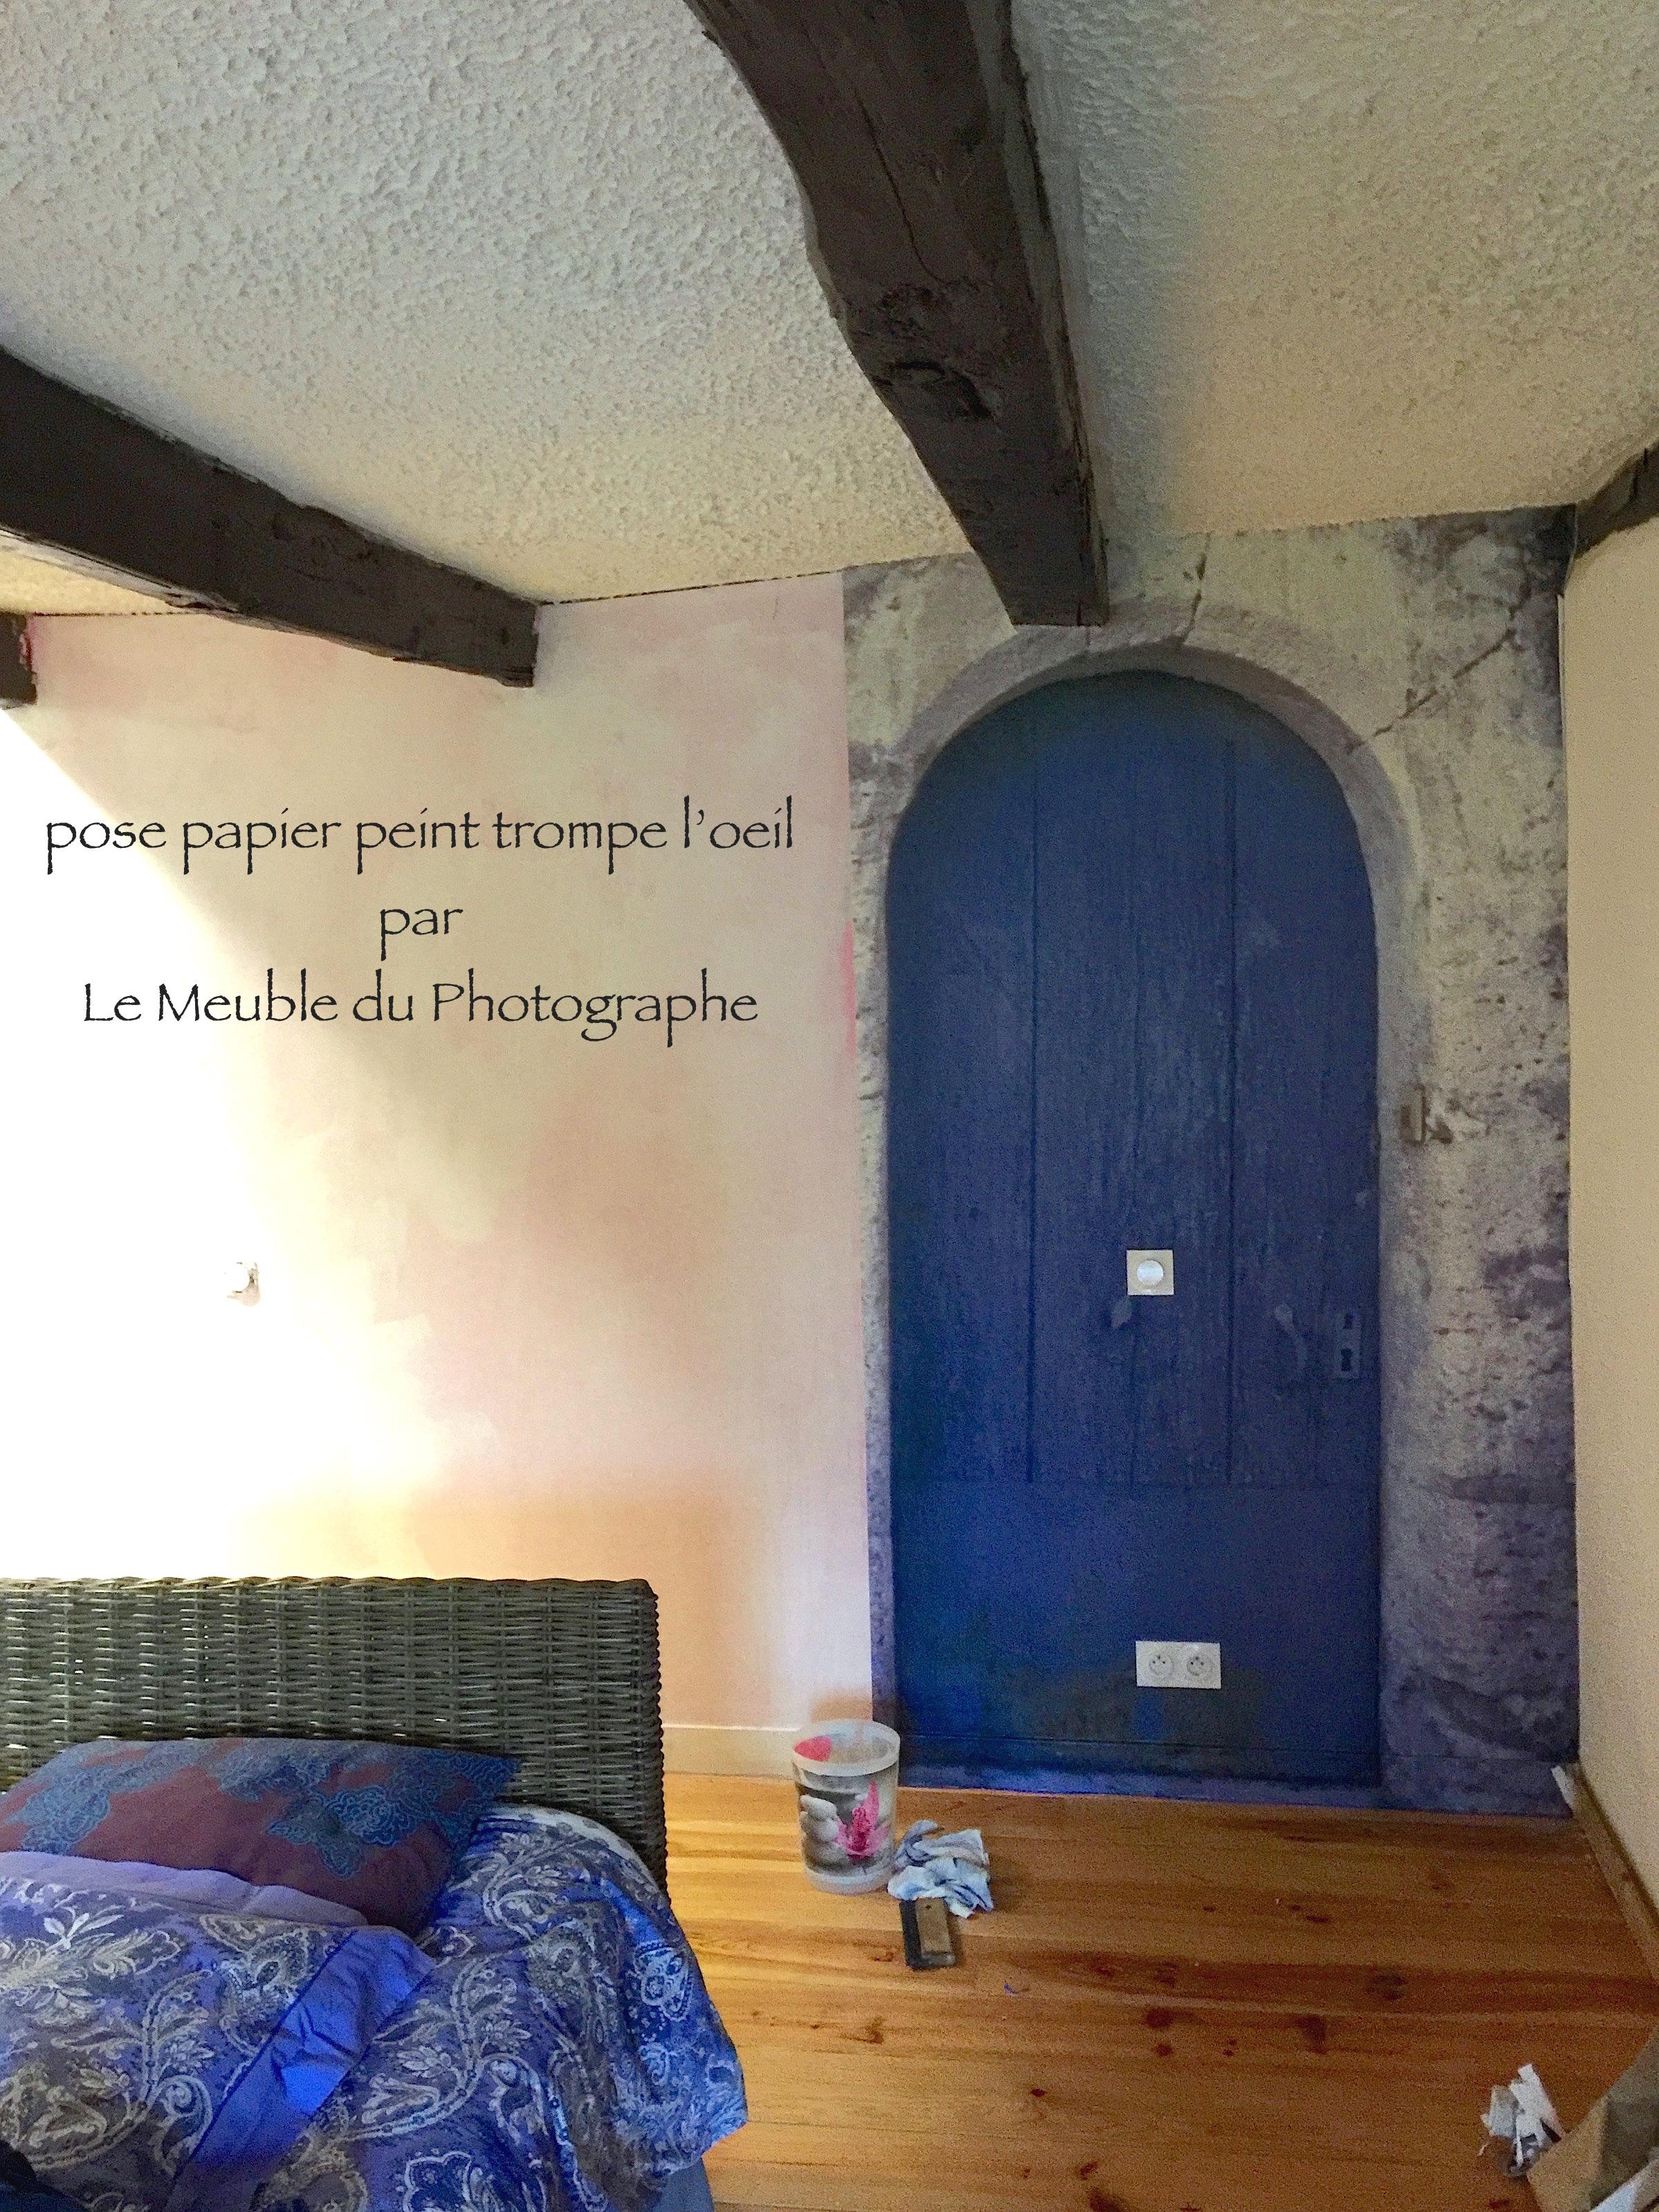 Papier Peint Trompe L Oeil Porte Placard papier peint photo trompe l'oeil: portes